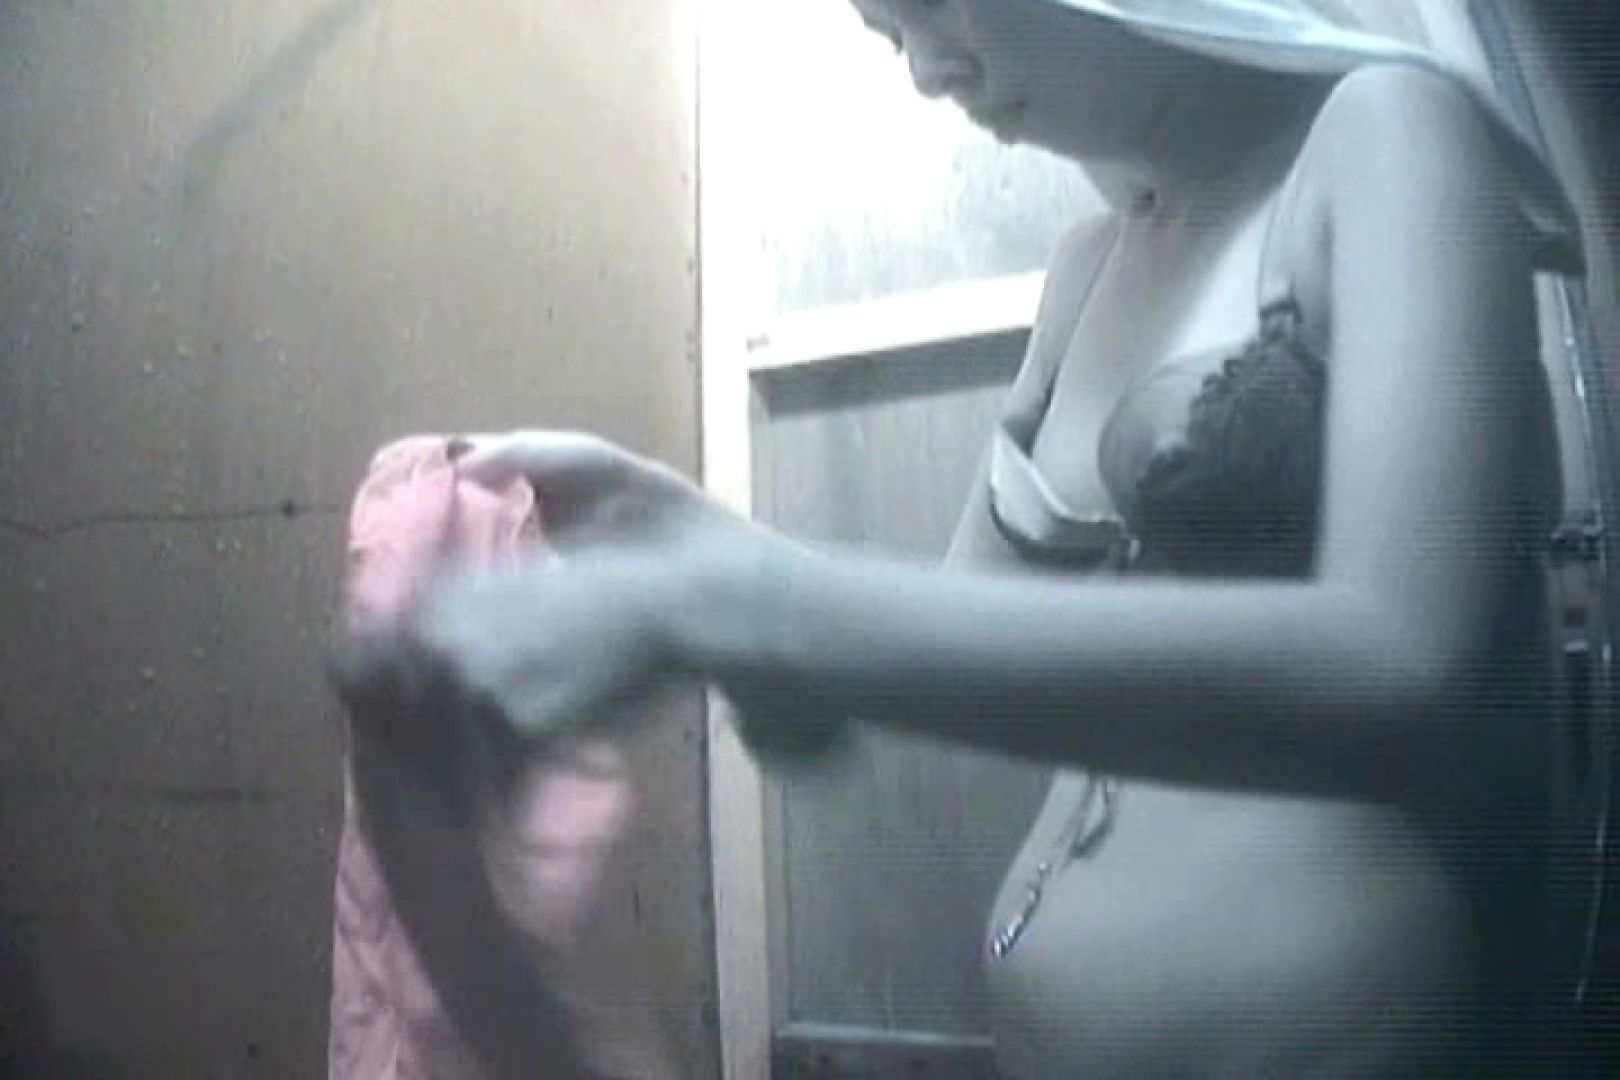 夏海シャワー室!ベトベトお肌をサラサラに!VOL.14 シャワー オマンコ動画キャプチャ 64PIX 23